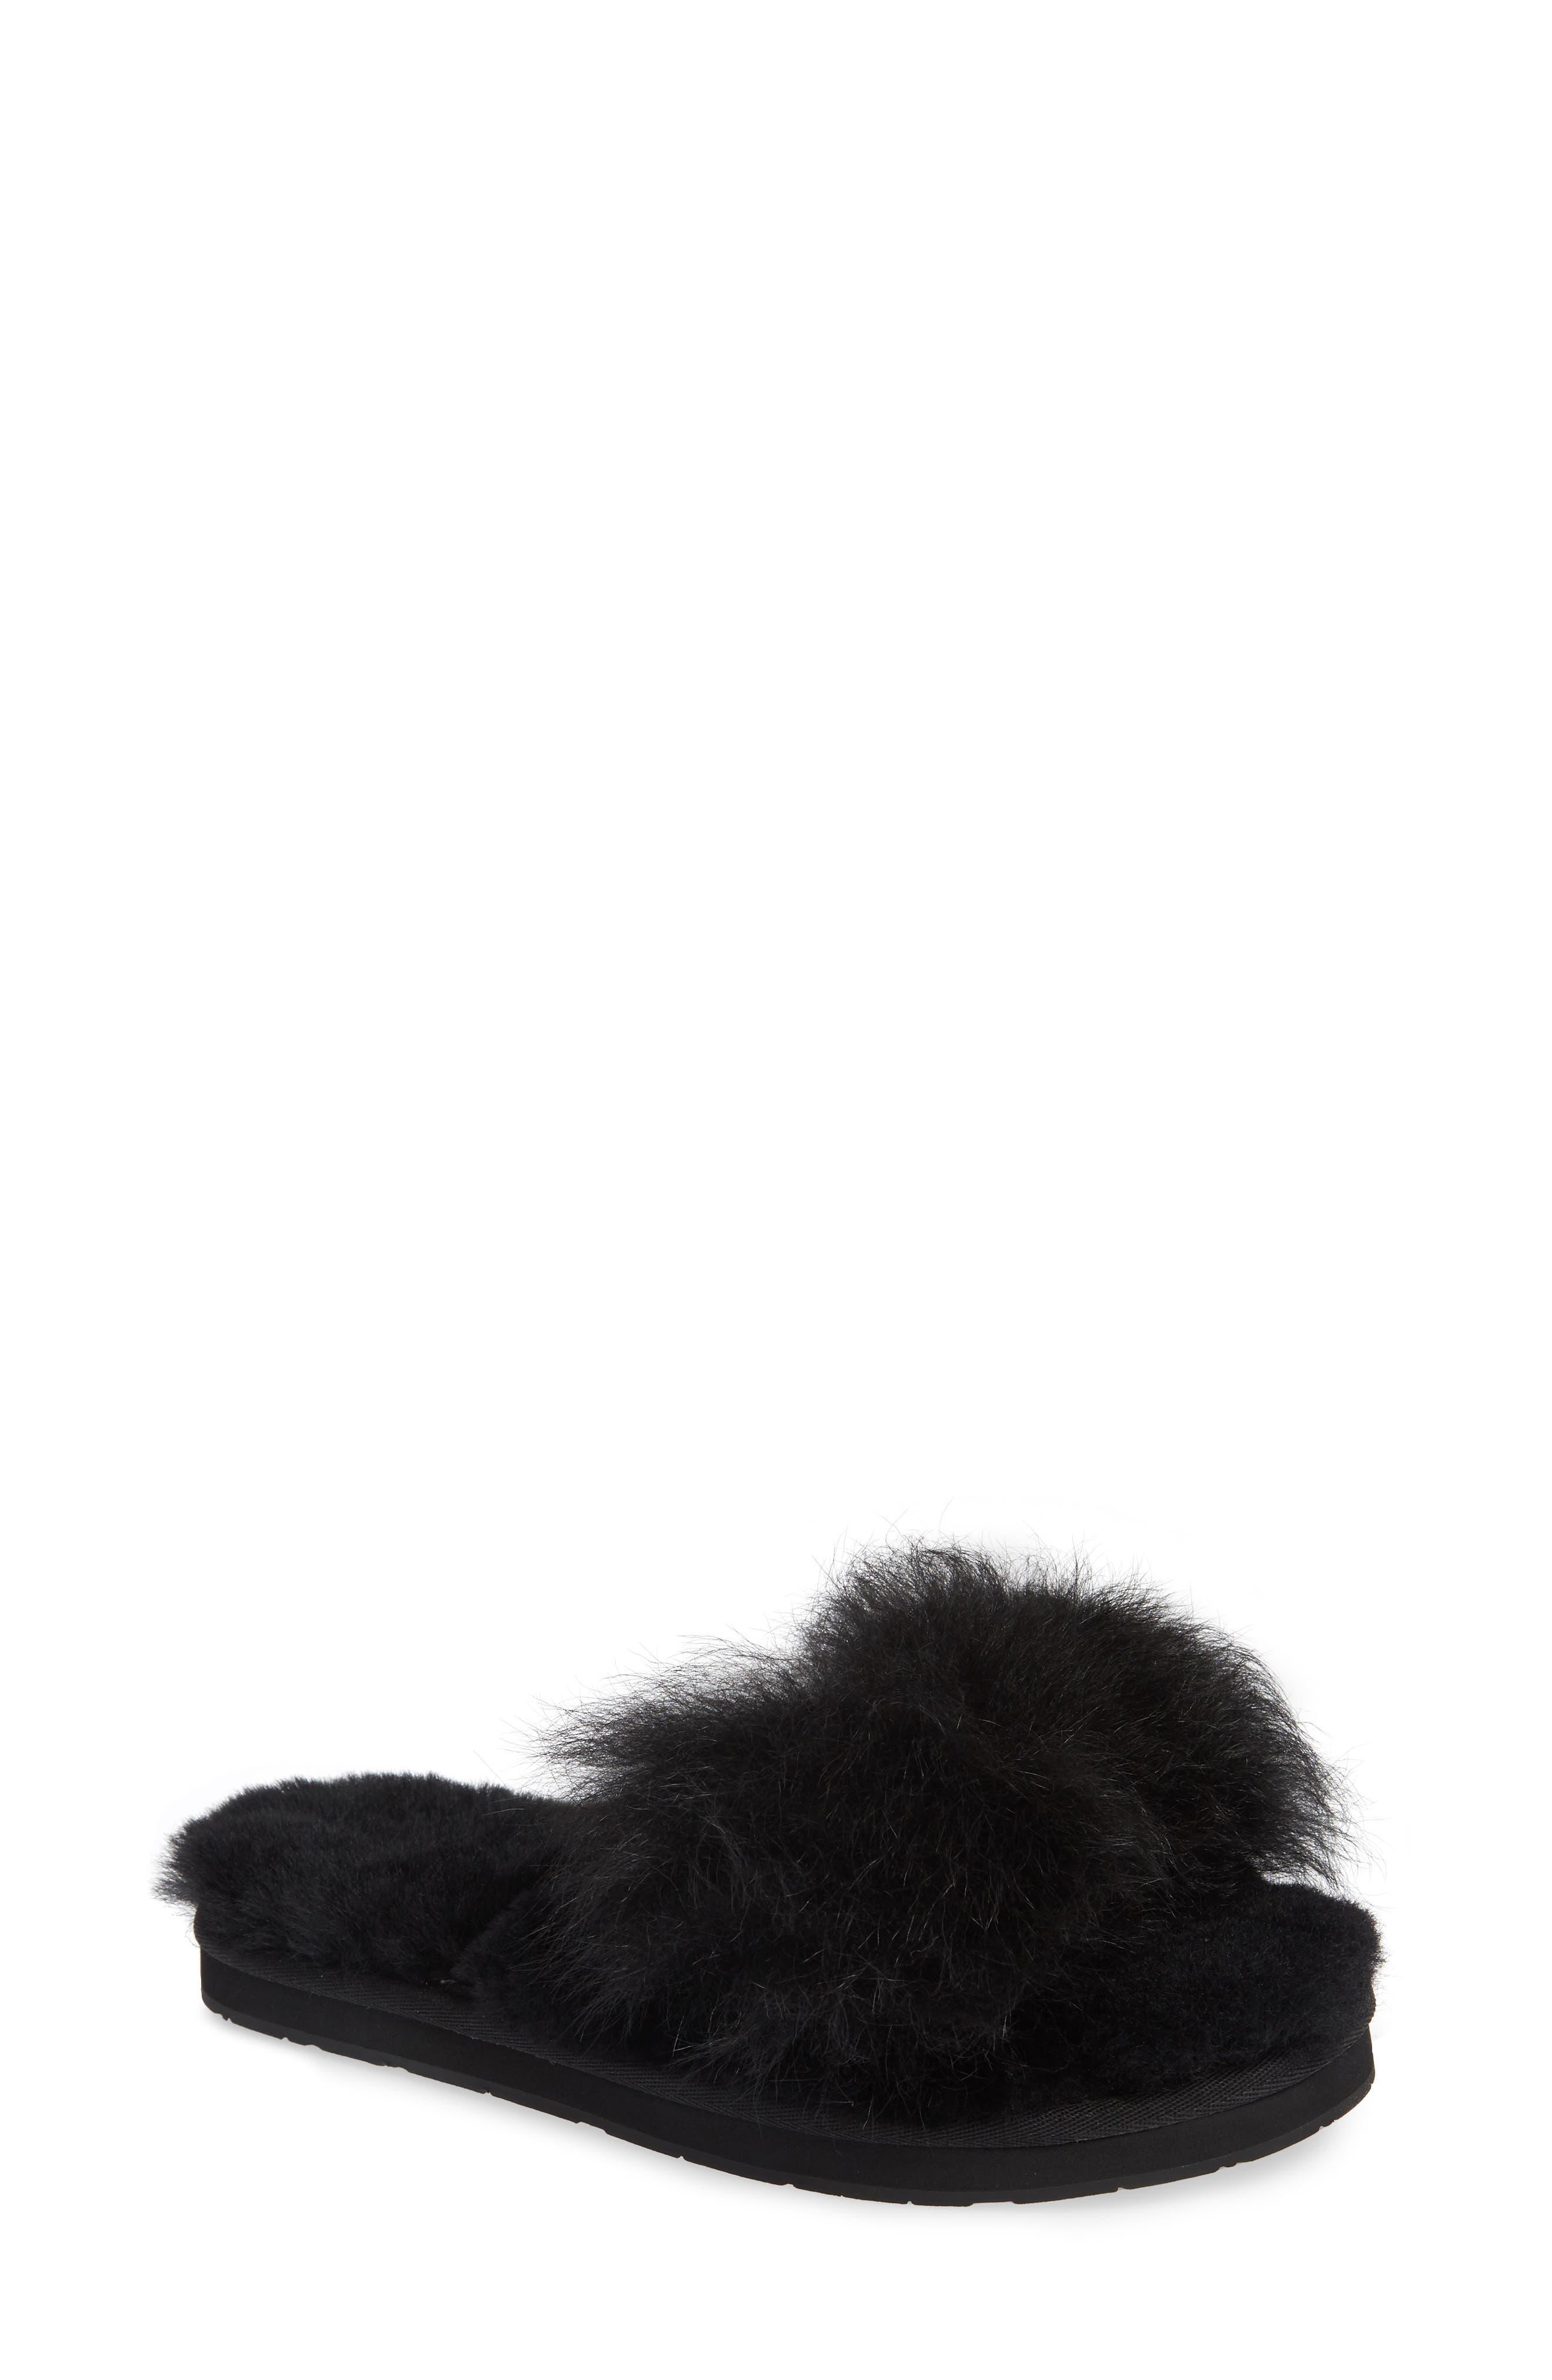 Ugg Mirabelle Genuine Shearling Slipper, Black